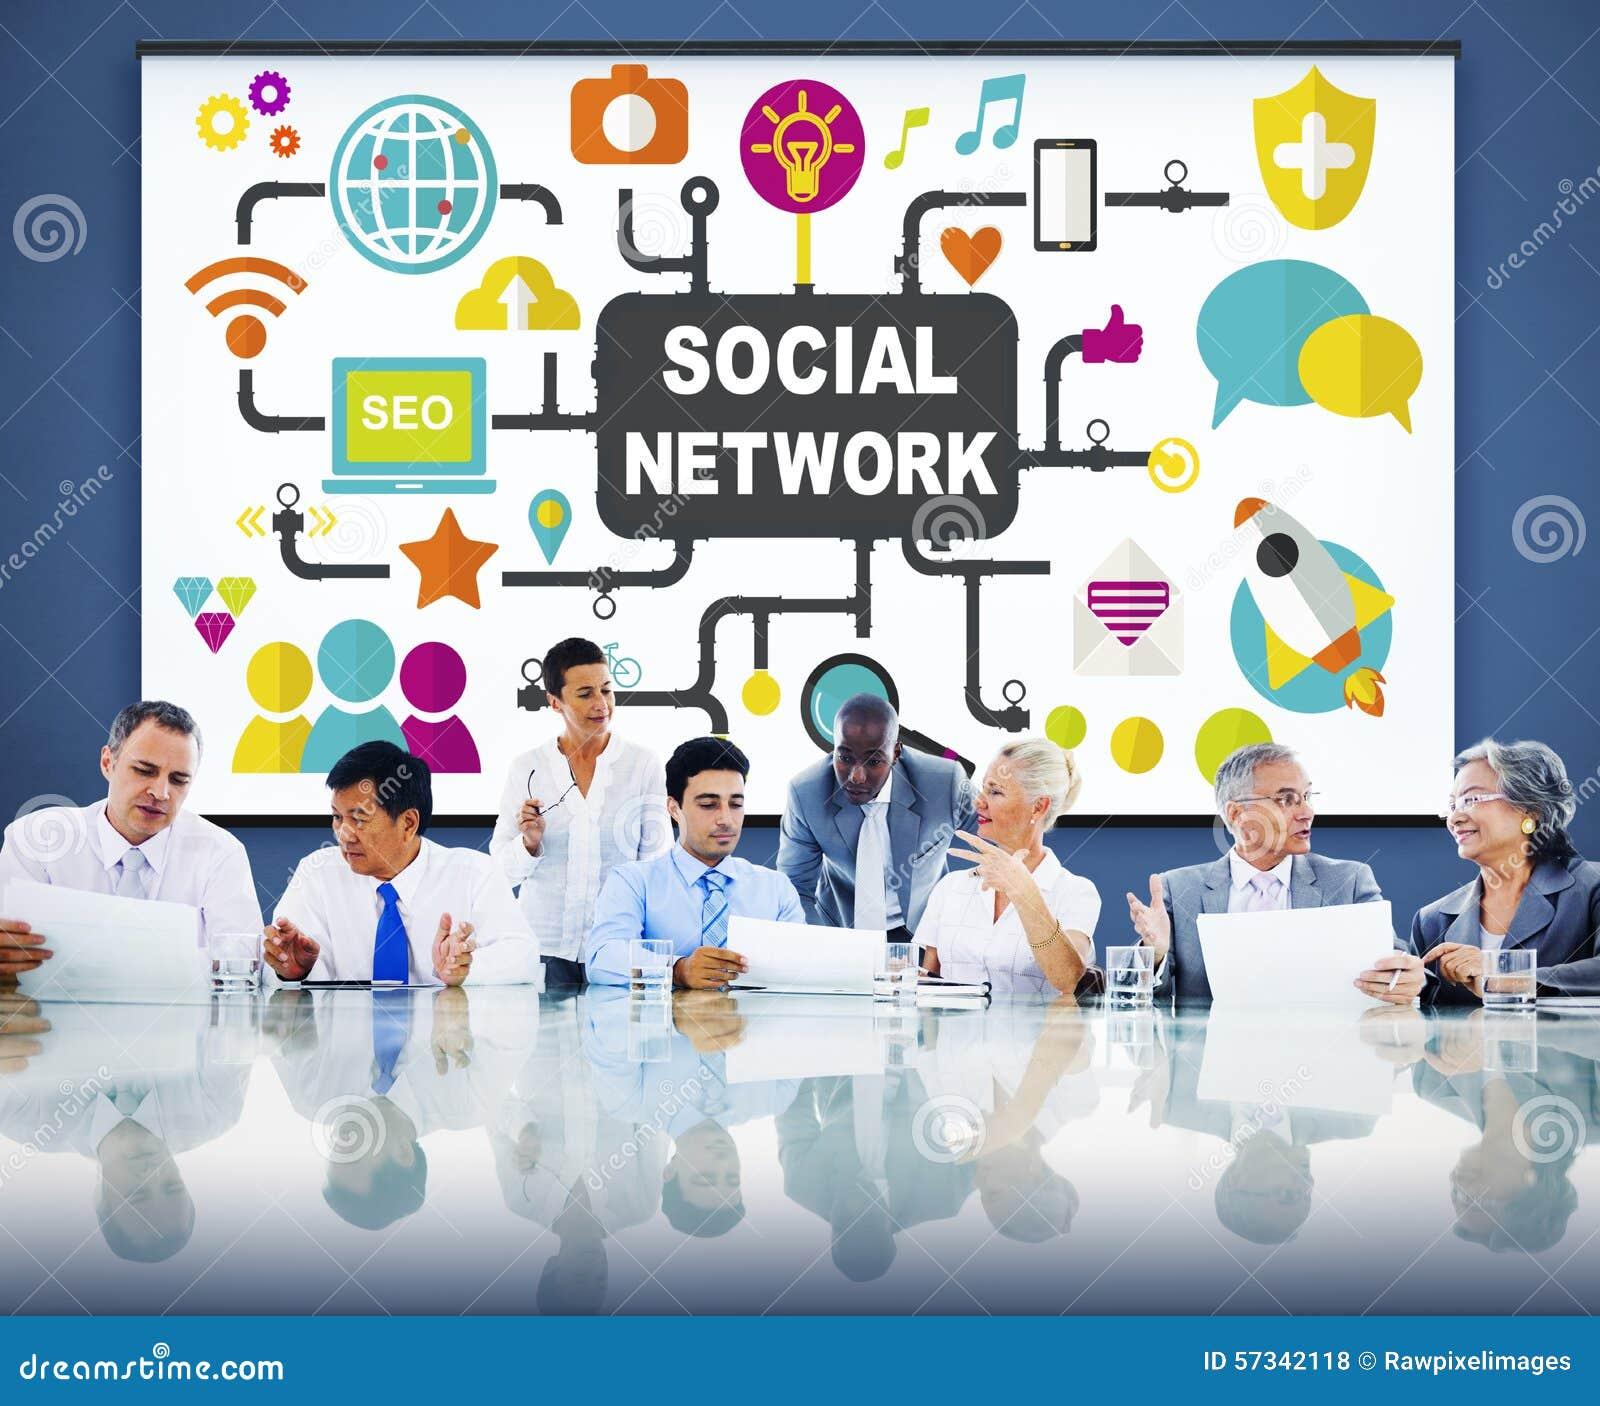 the internet and social media Agencia de marketing online especializada en estrategias y diseño de páginas web rentables seo y sem para empresas y autónomos.